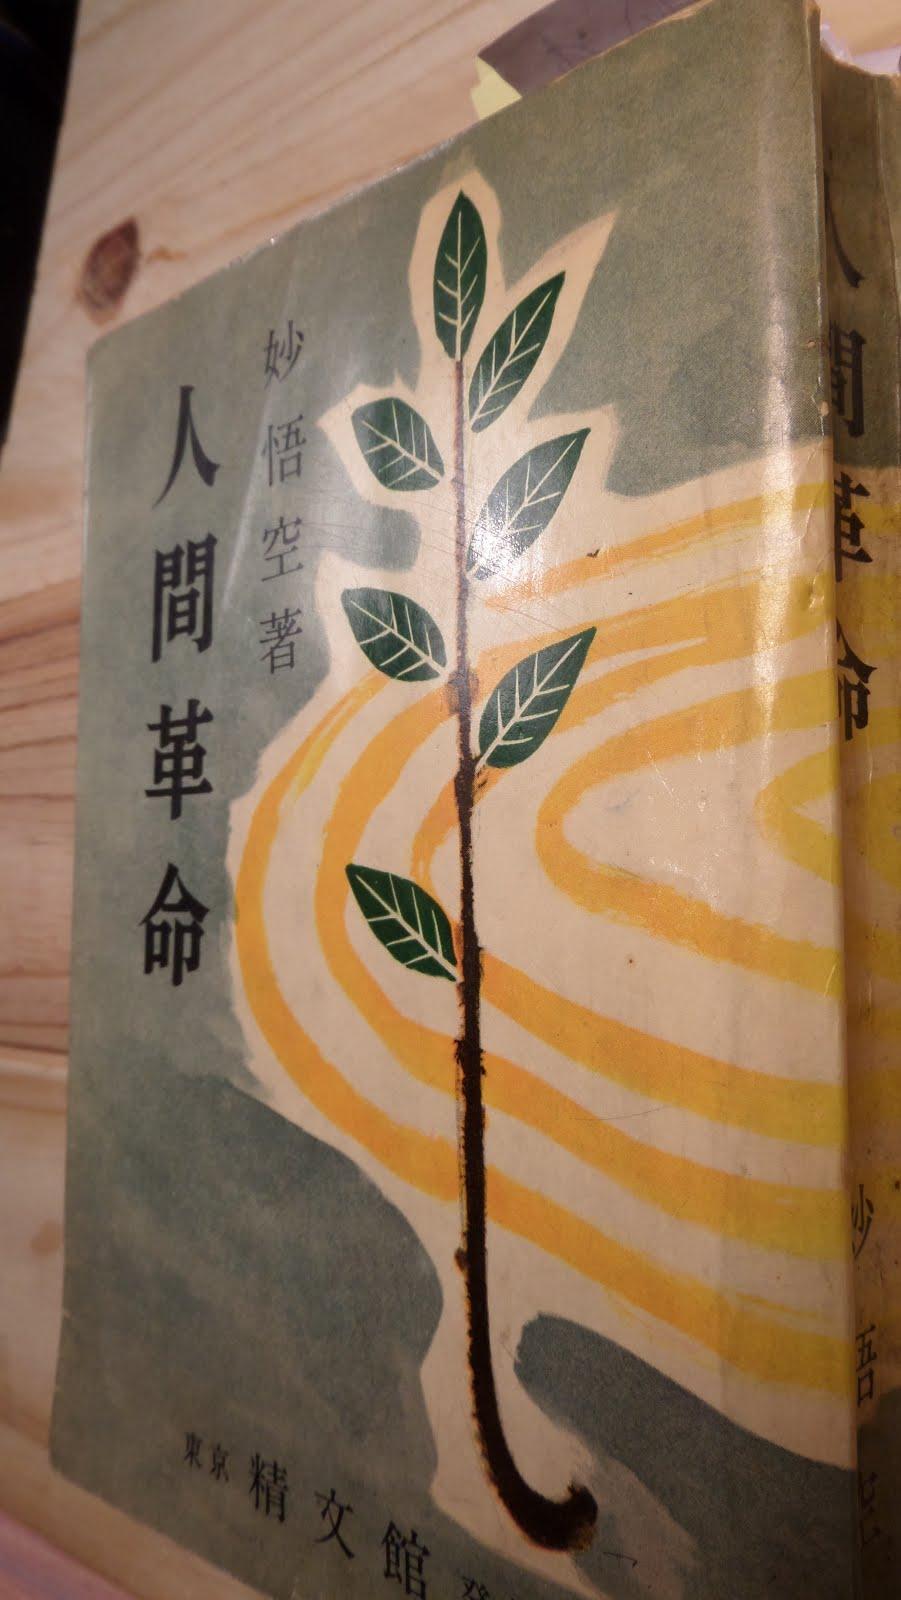 【特集/宗教と政治】戸田城聖と創価学会・公明党